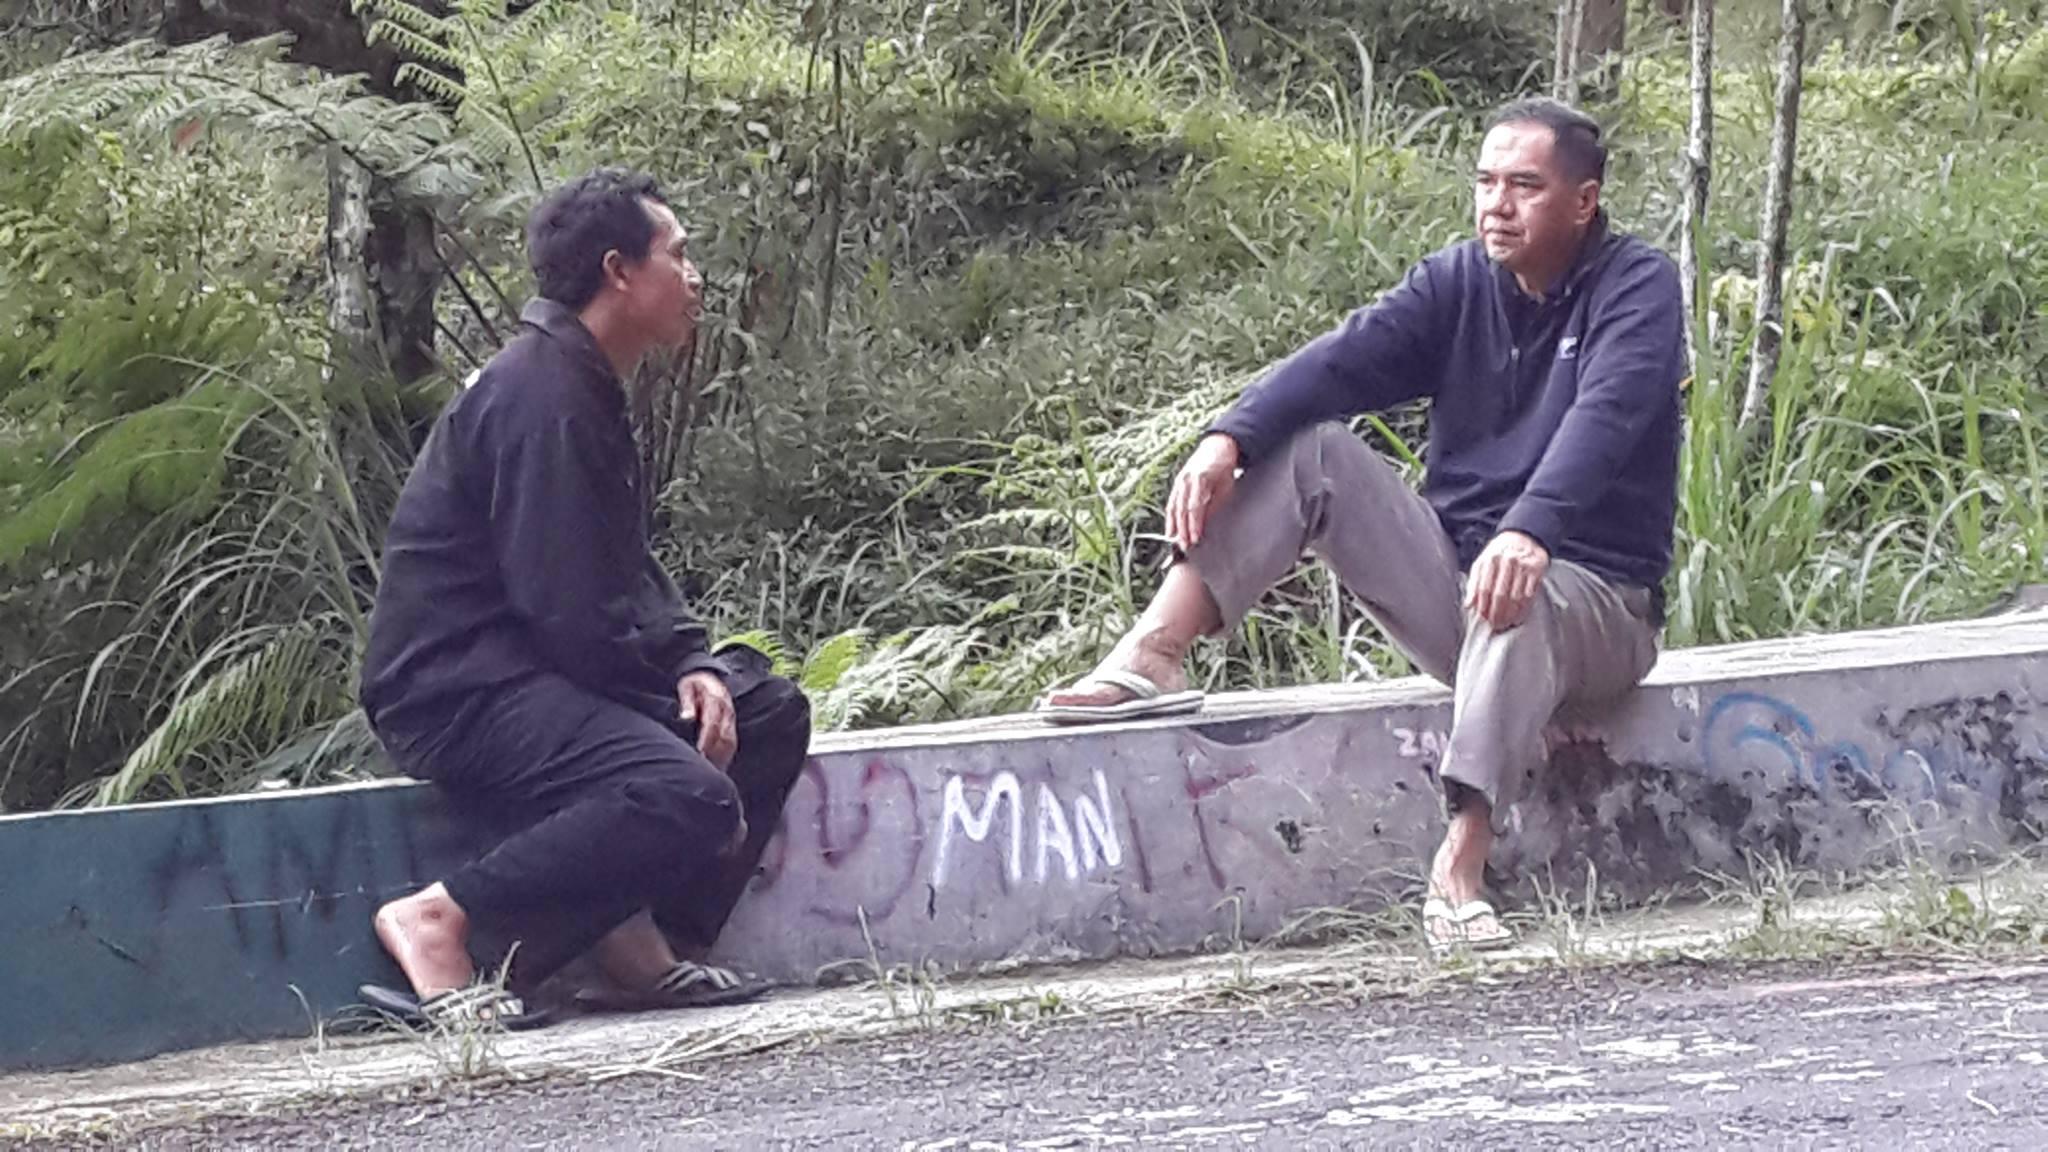 GITA WIRJAWAN DAN OBSESI LUHUR UNTUK INDONESIA LEBIH BAIK